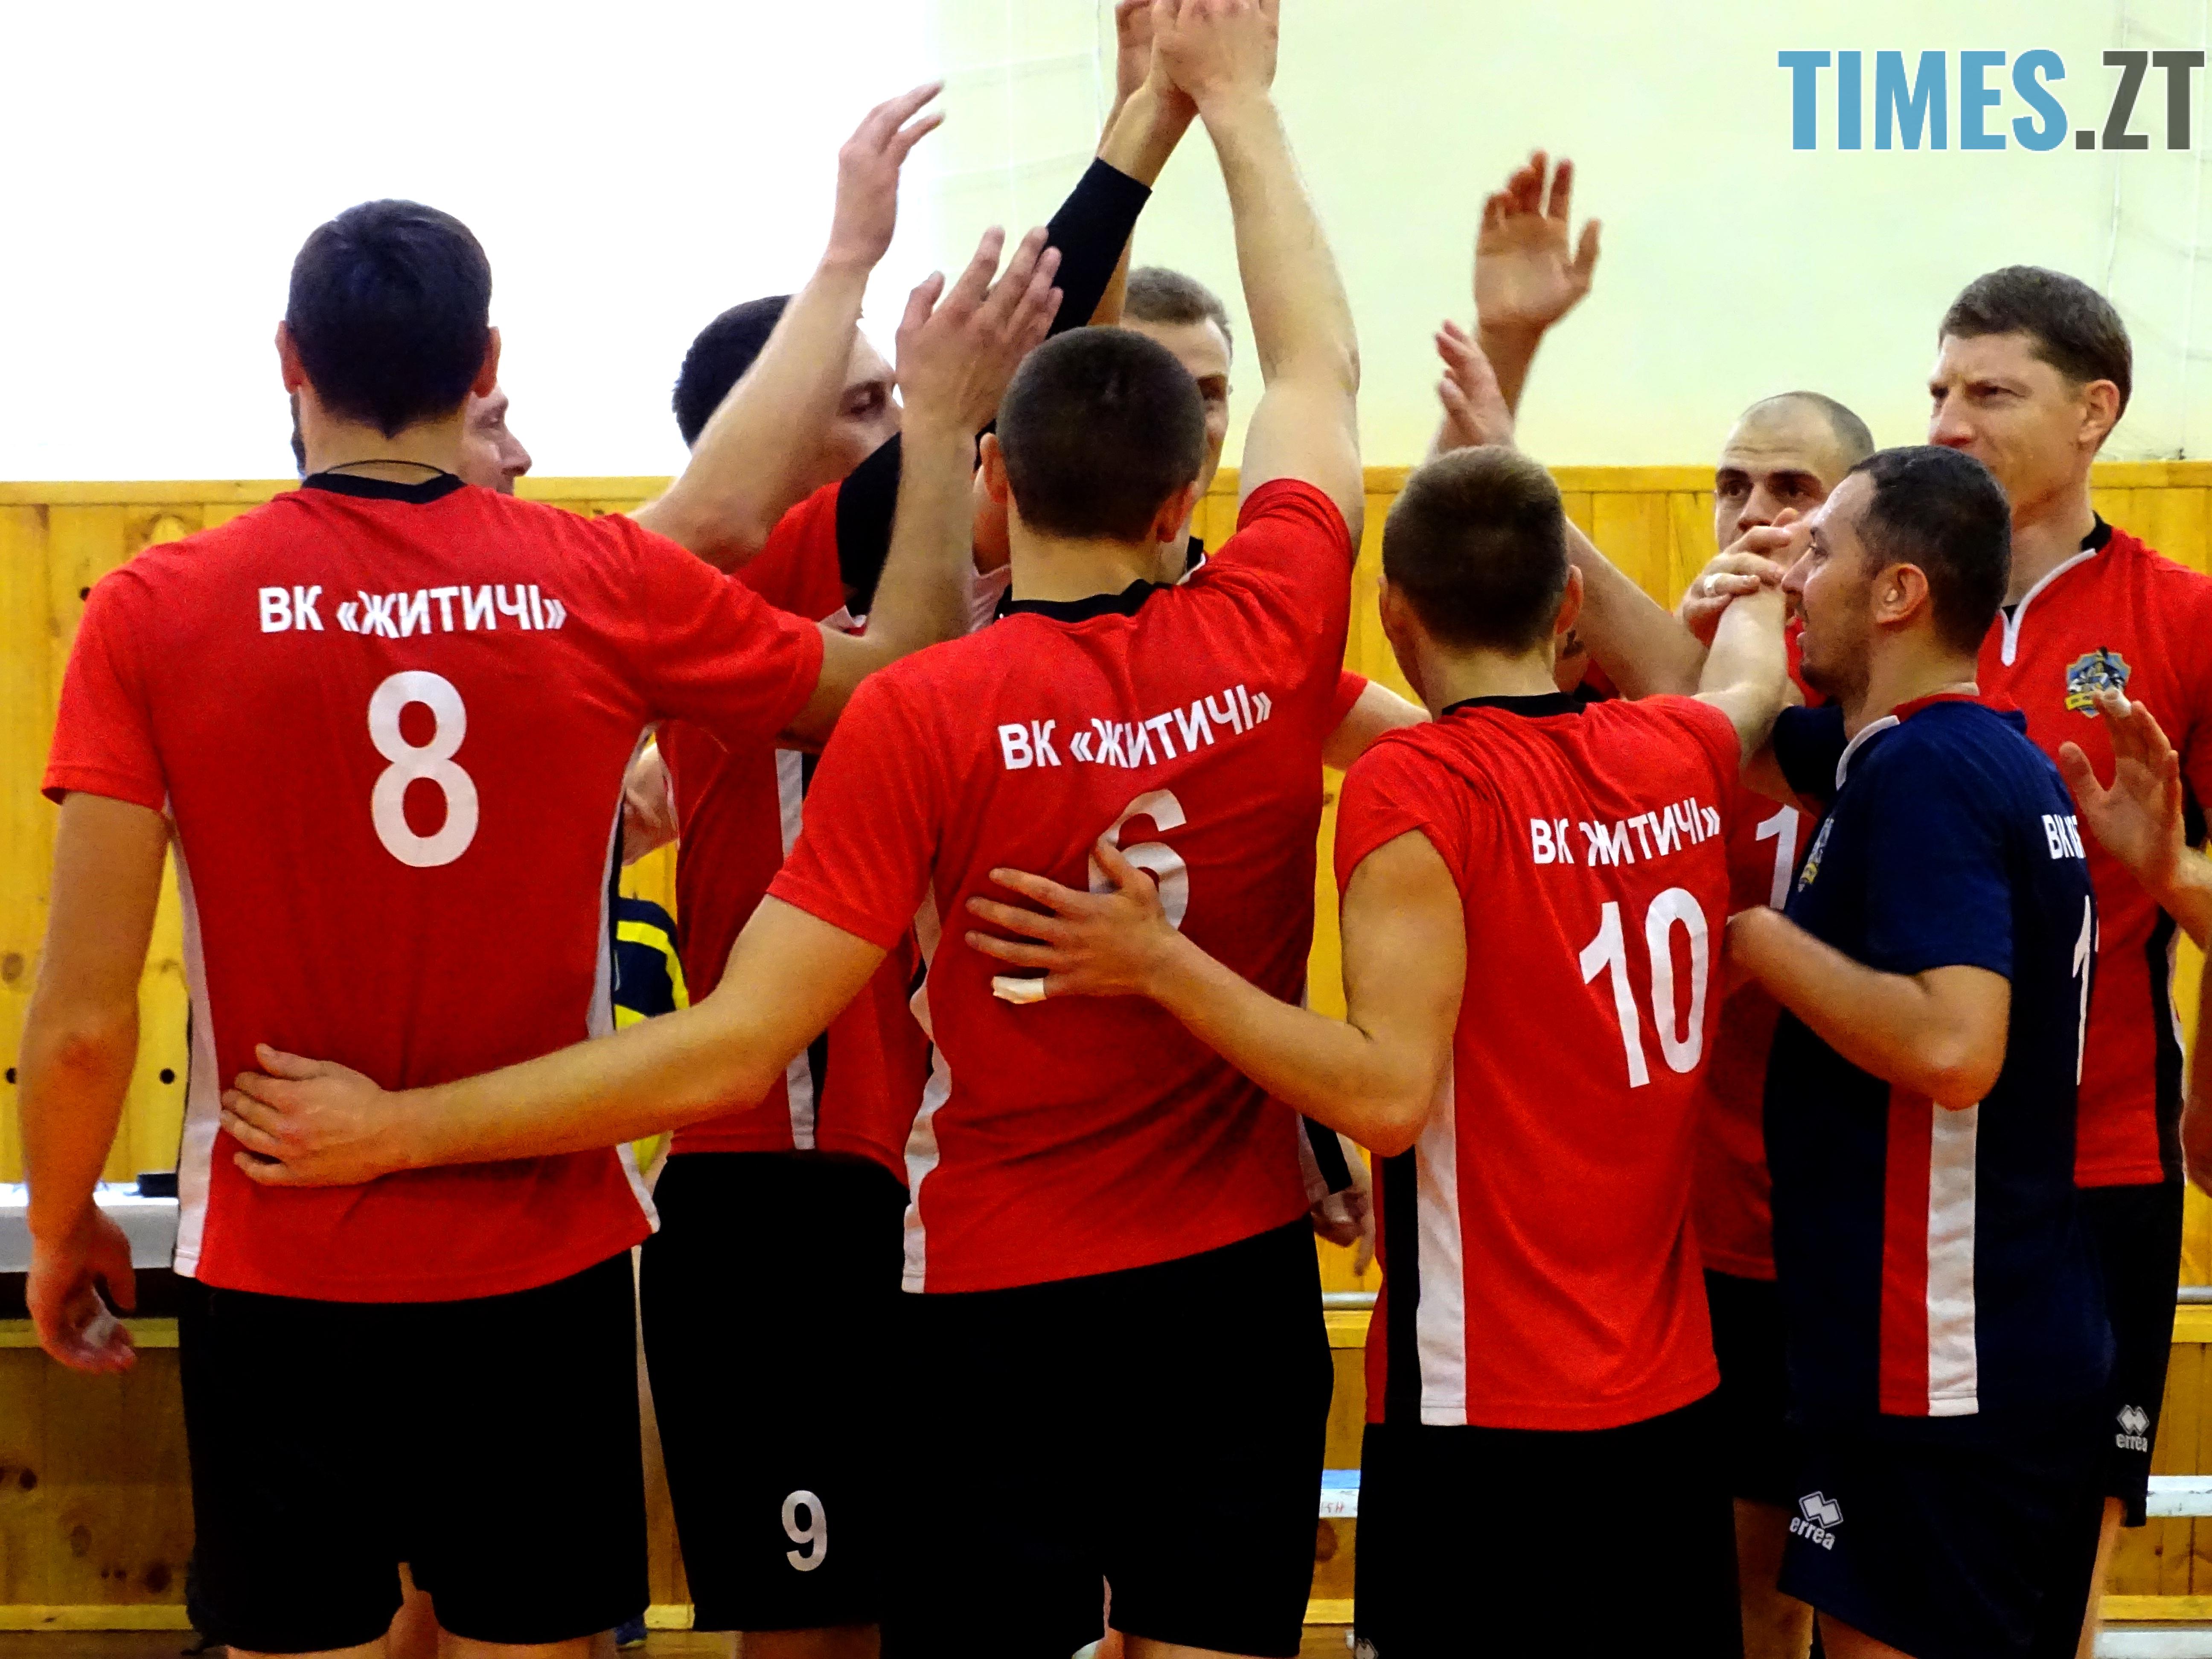 DSC01944 - ВК «Житичі» виборов три перемоги поспіль на старті Кубку України (ФОТО)